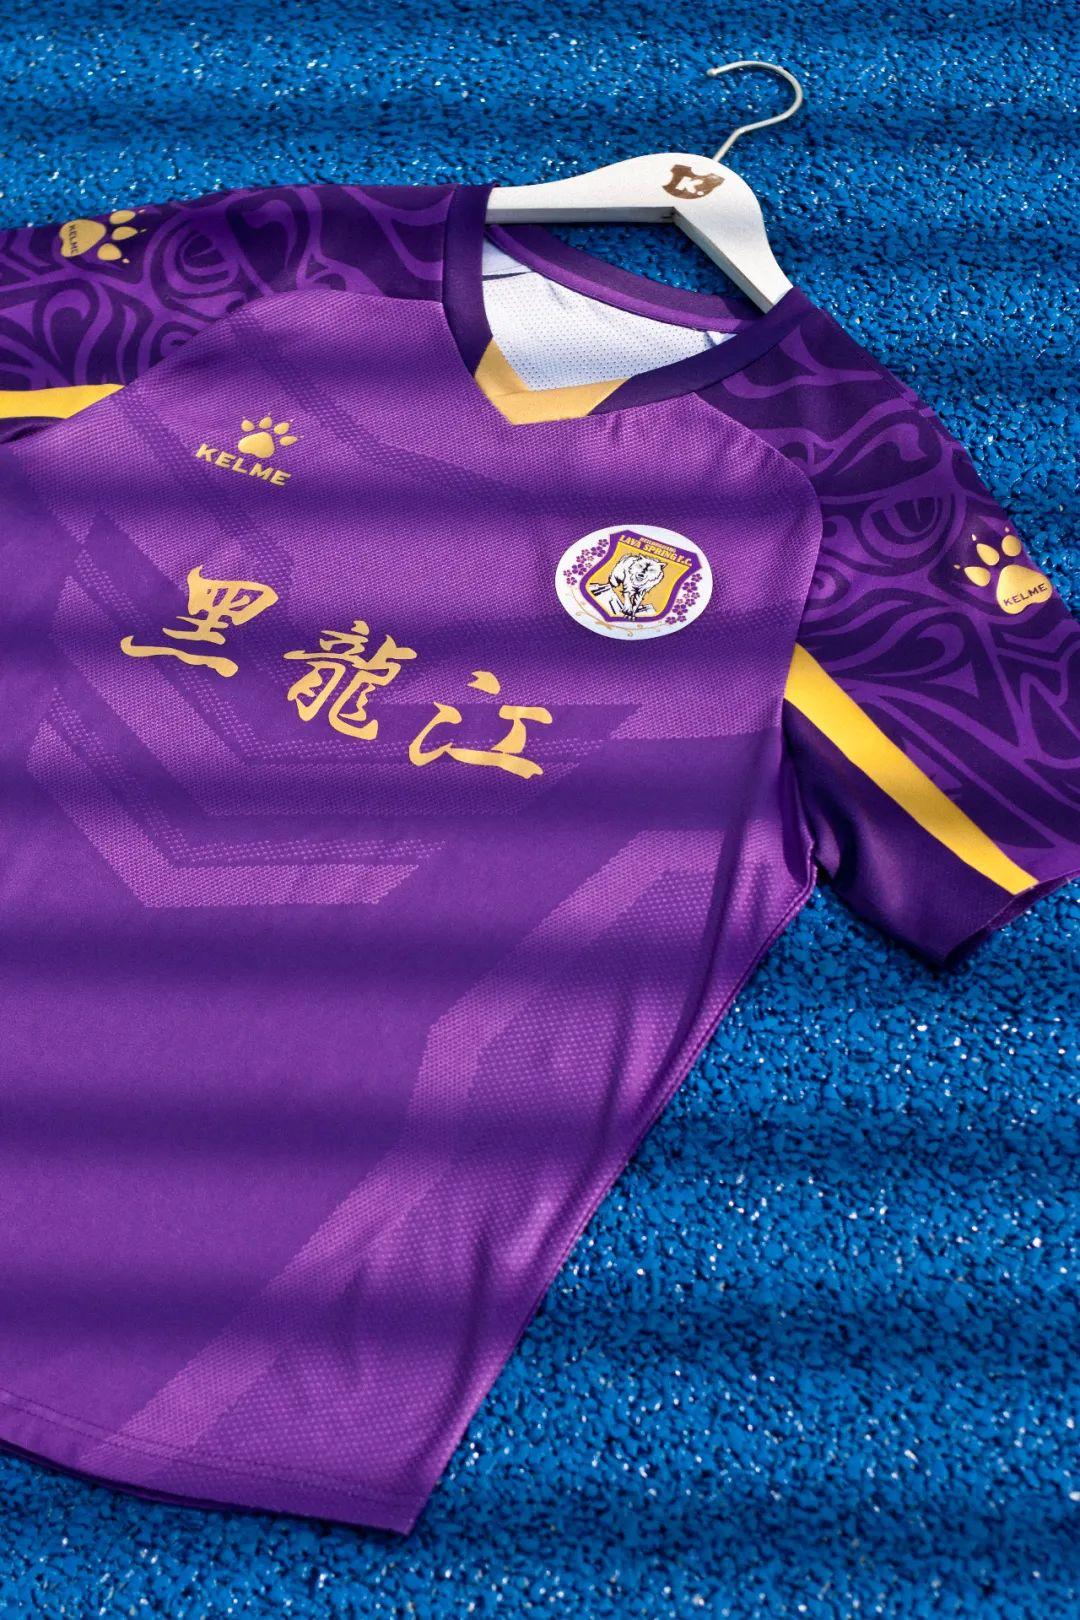 2020赛季中甲球衣发布!卡尔美KELME只做了一件事:用心 第8张